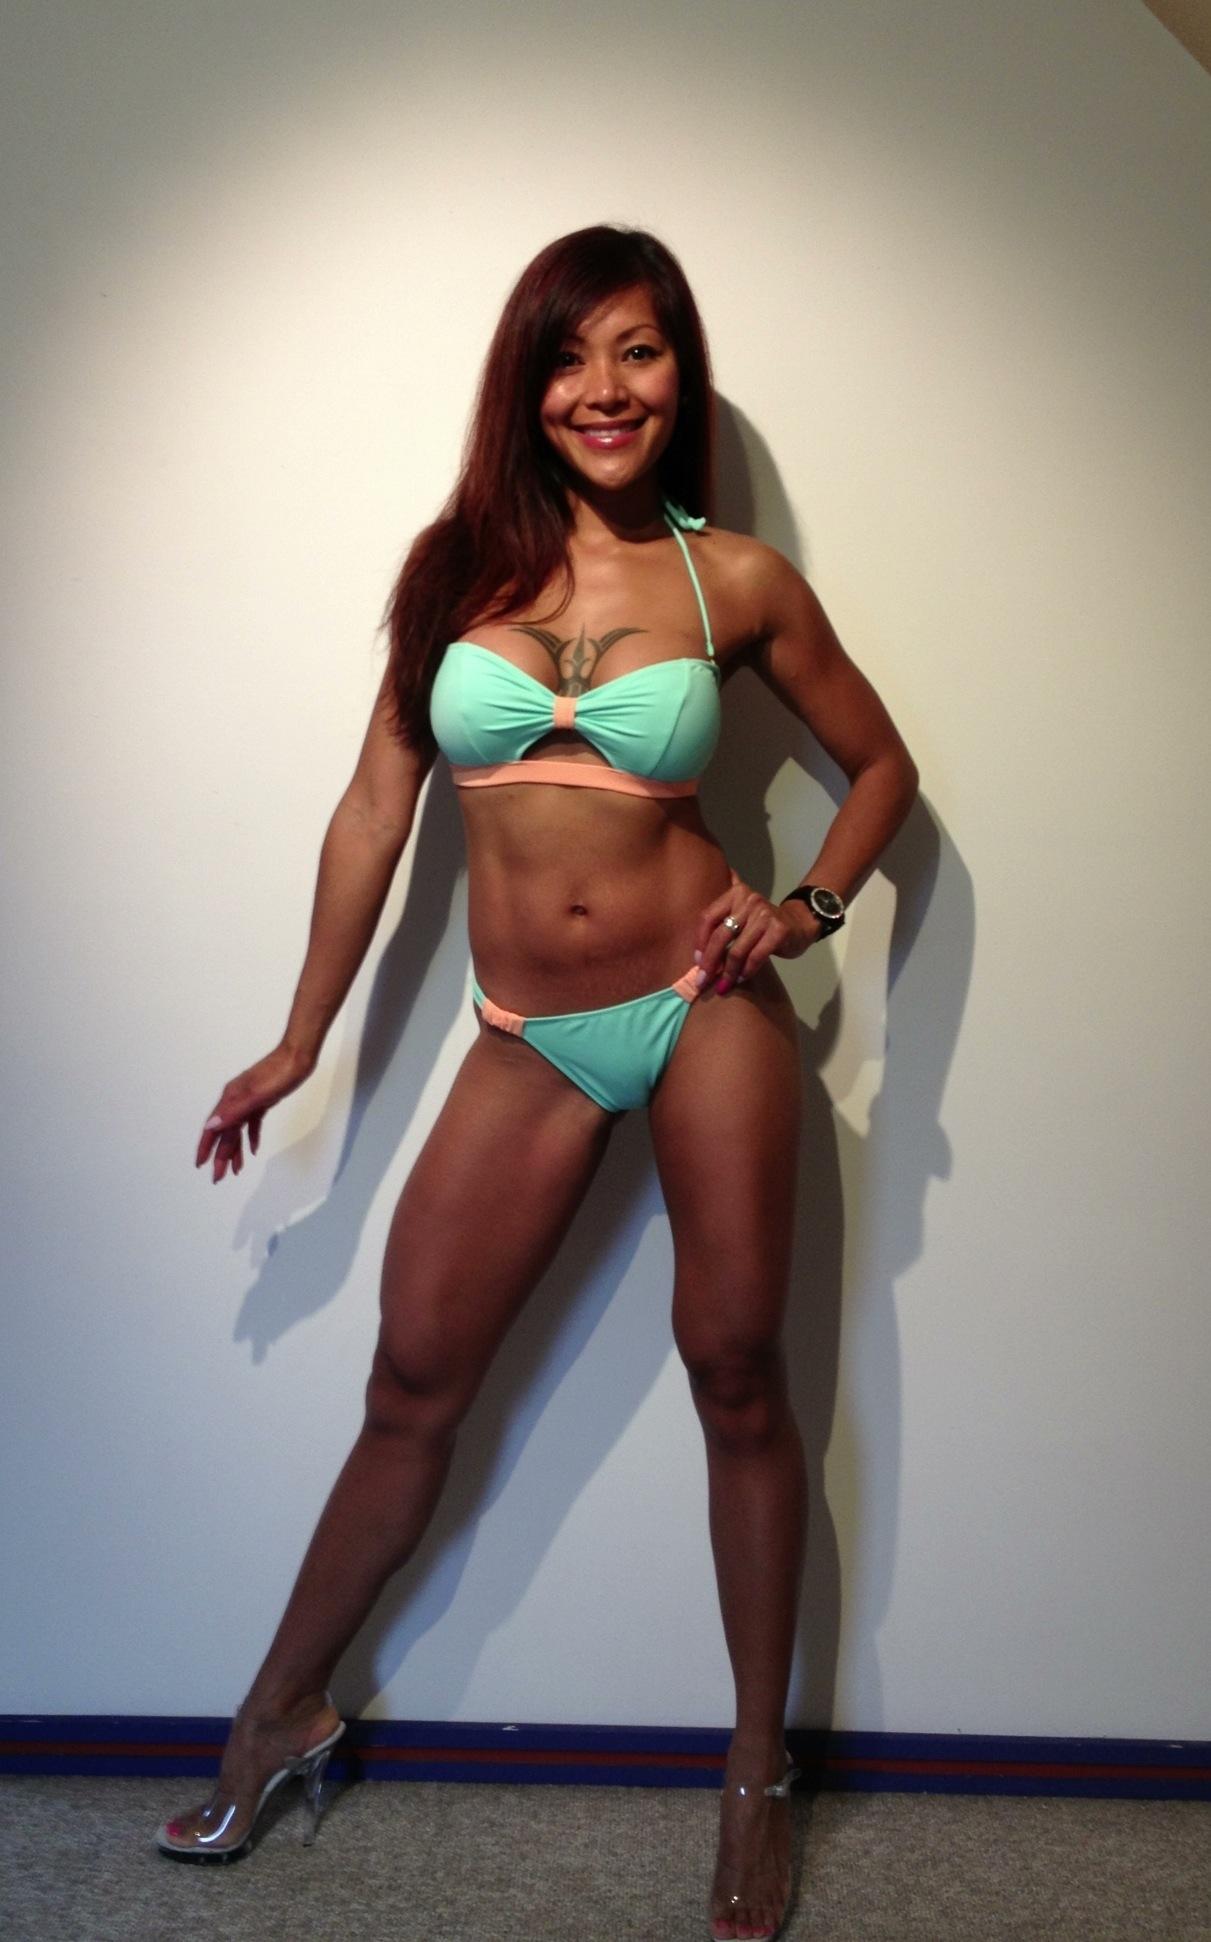 Bikini Fitness Model | Driven Fitness | 1211 x 1942 jpeg 393kB